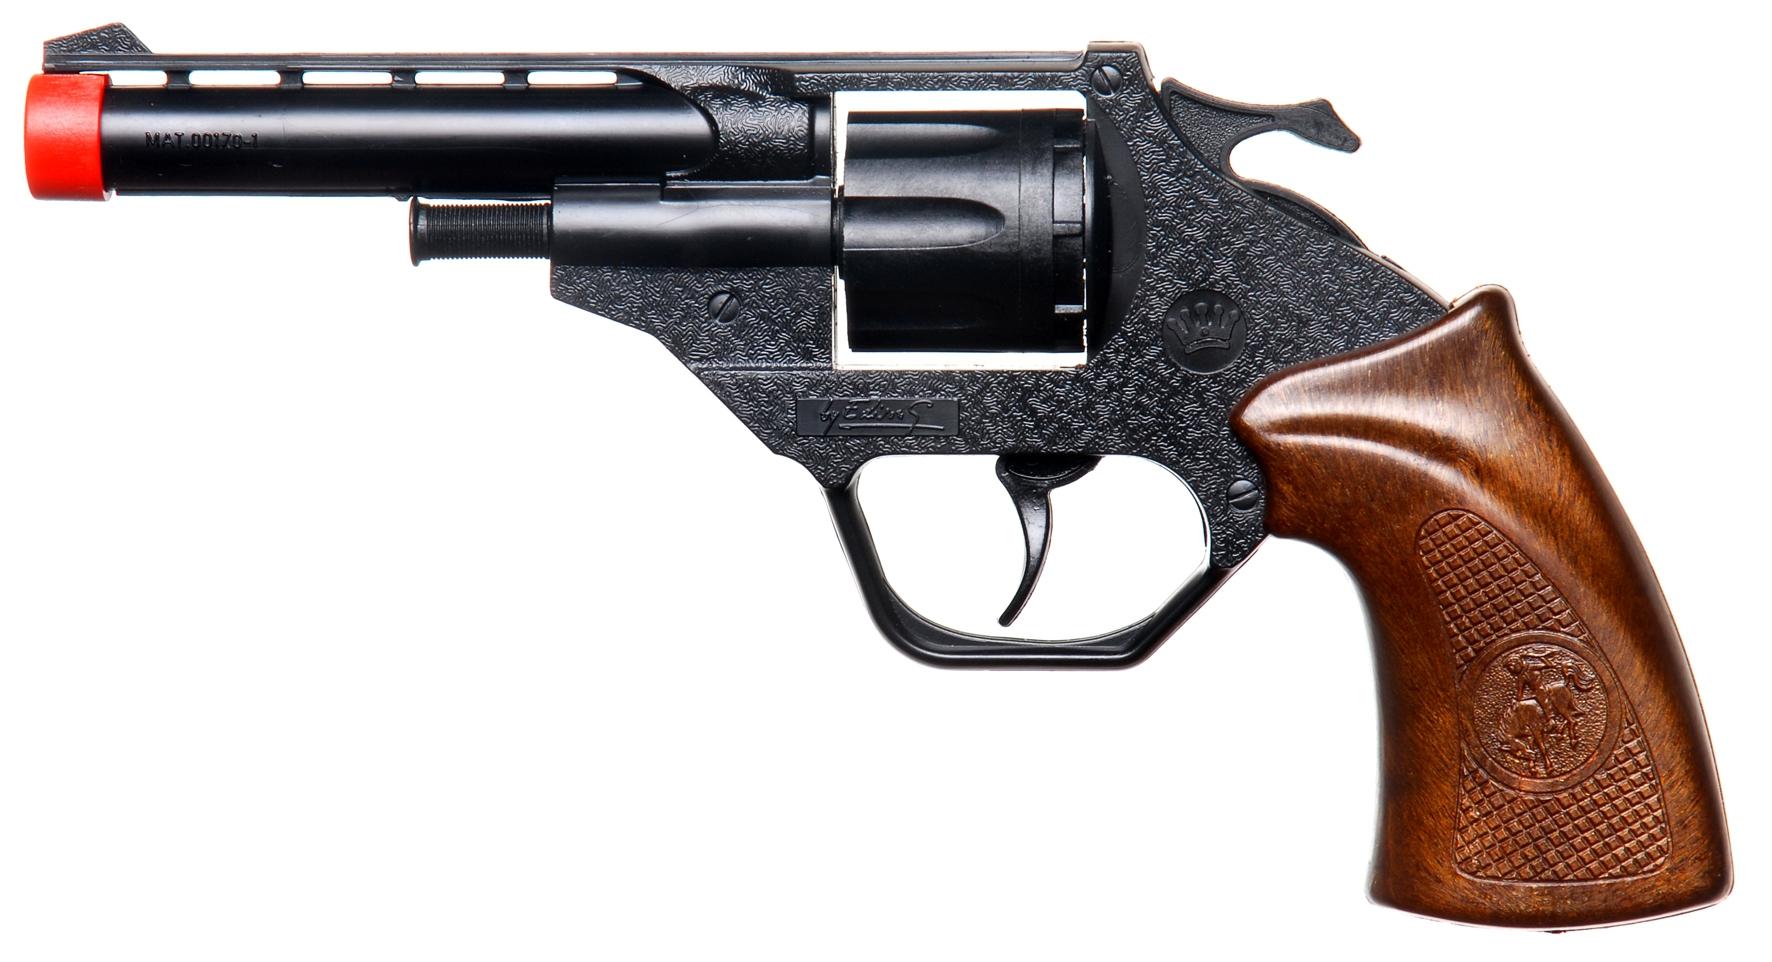 Пистолеты и ружья Edison Giocattoli Susy Western пистолет edison giocattoli long boy western